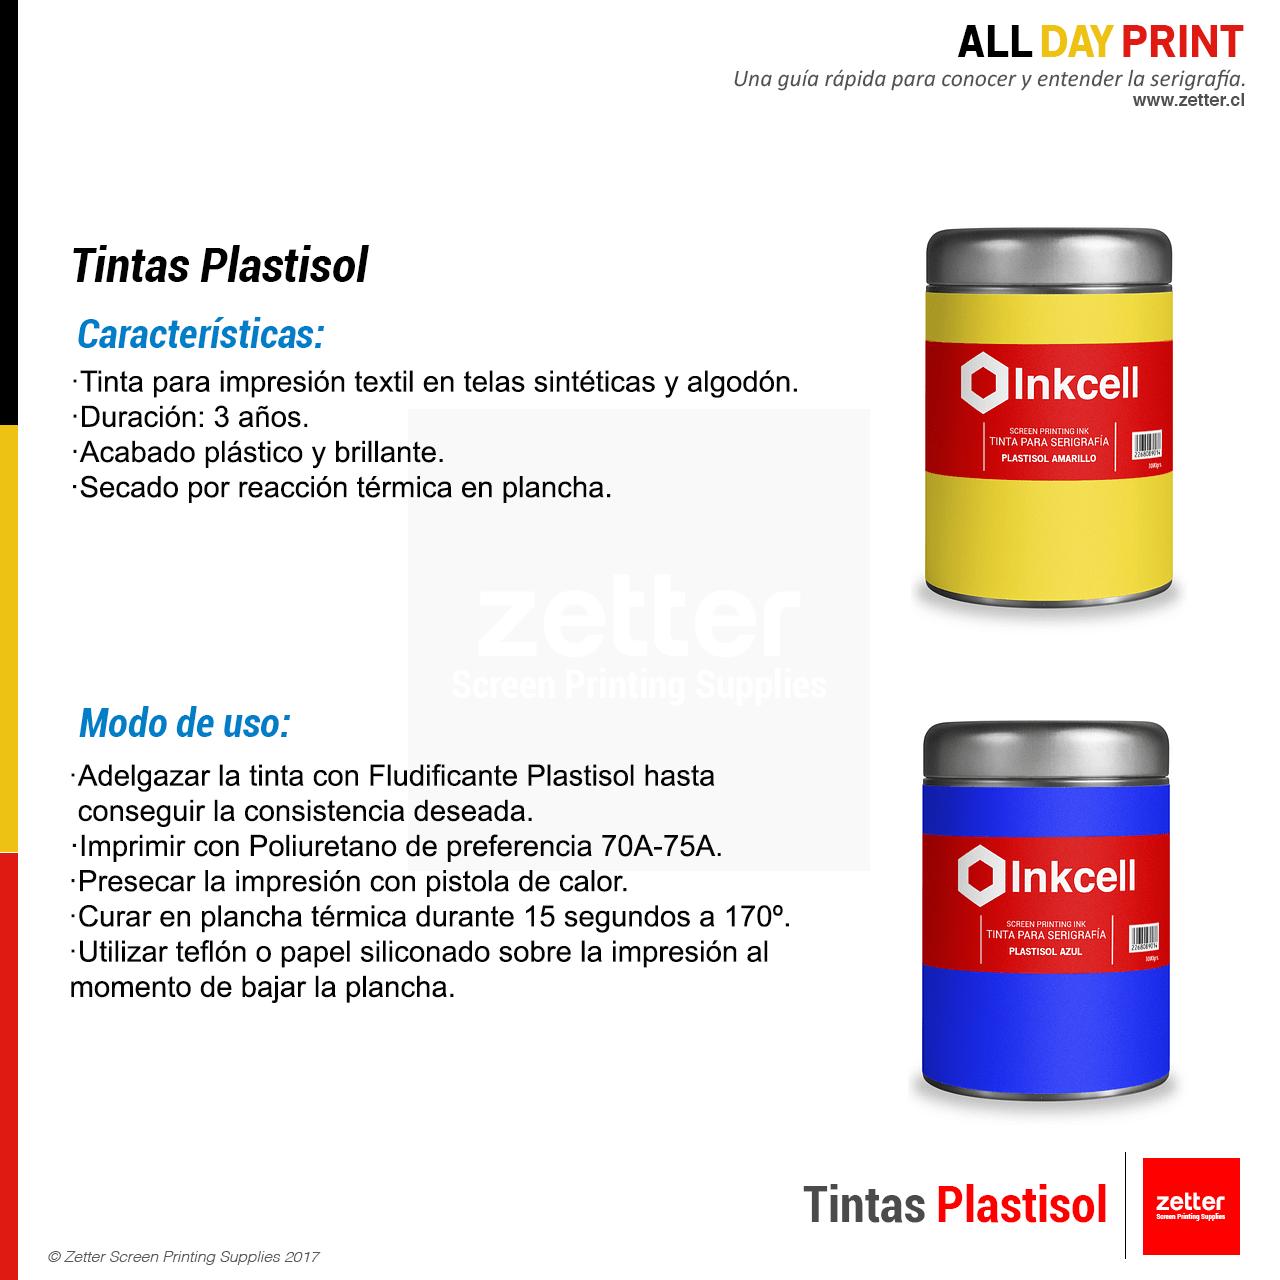 Tintas Plastisol